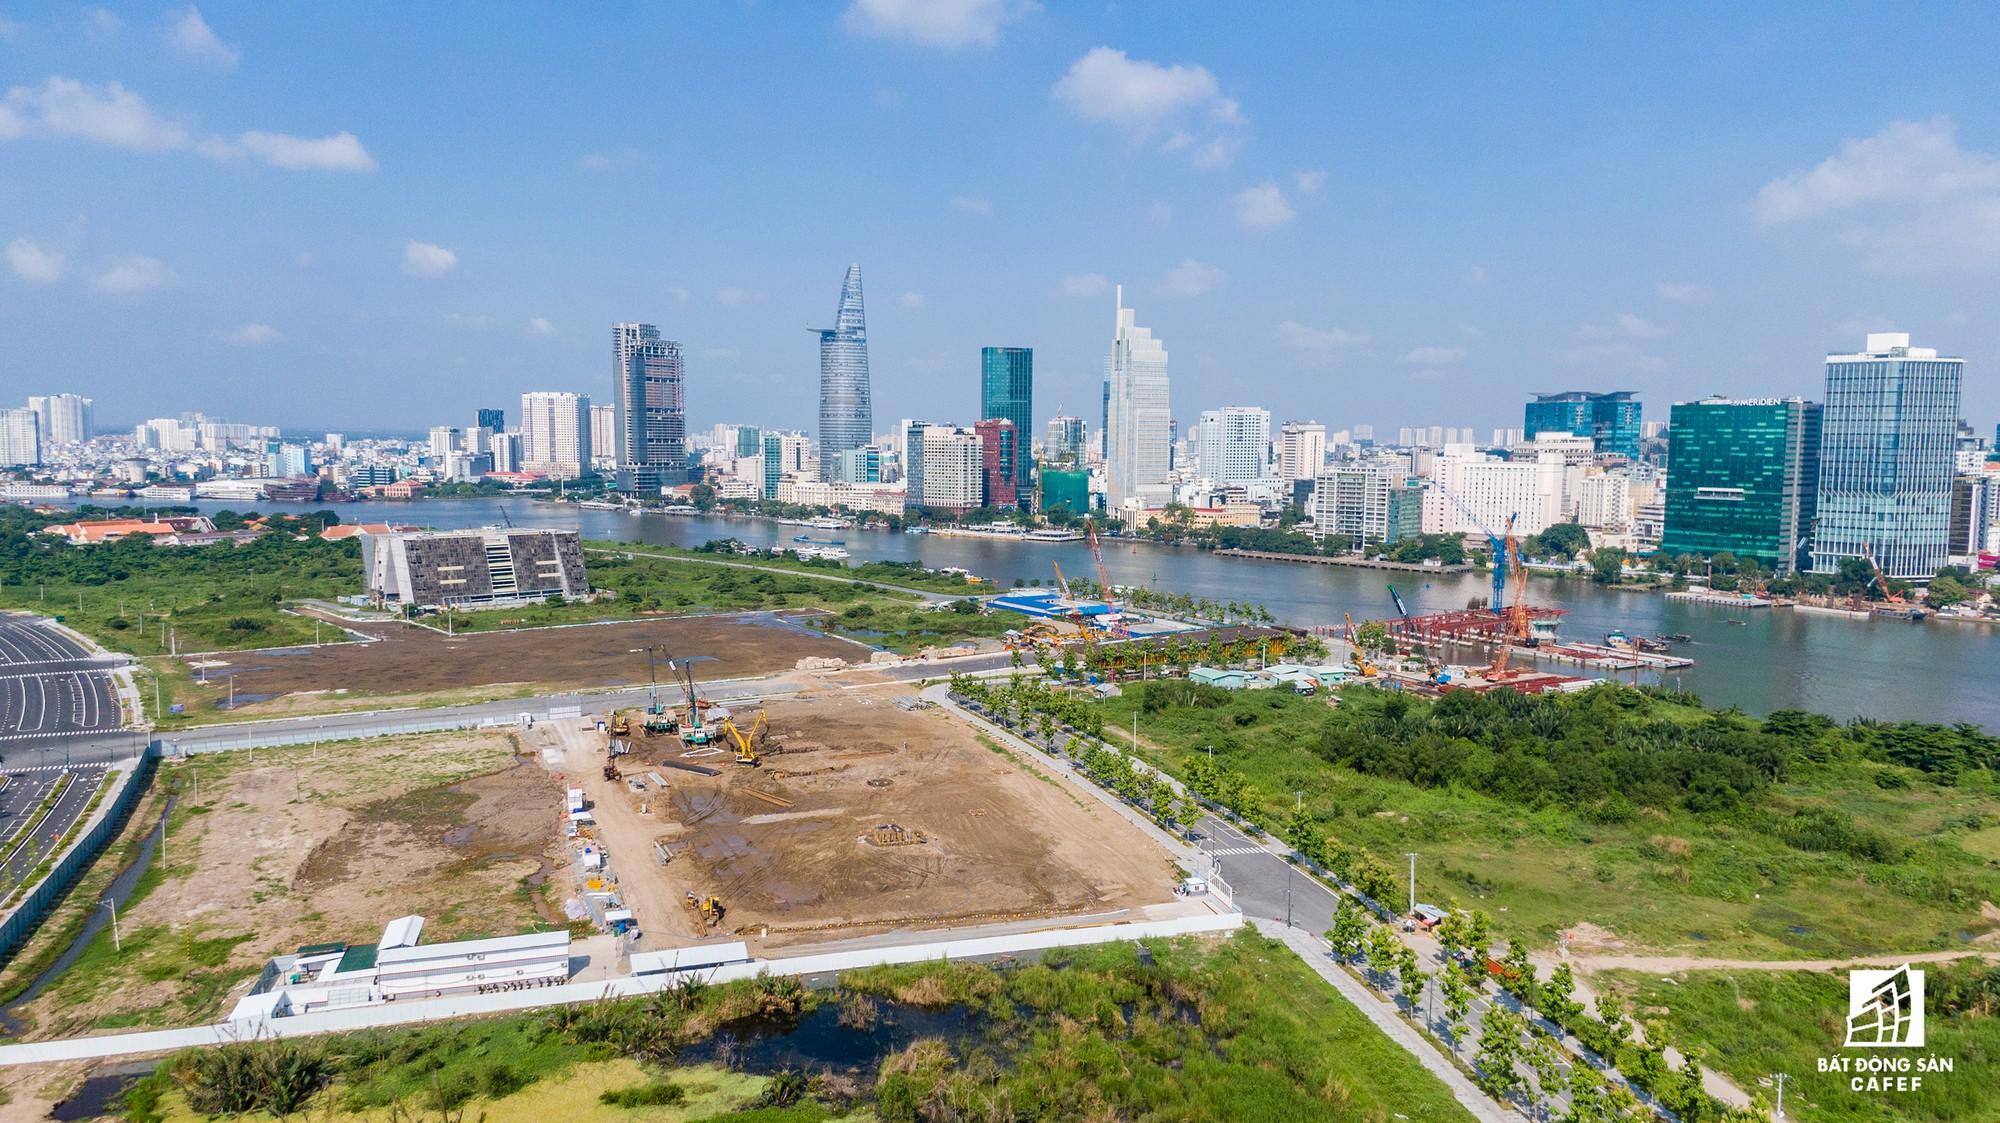 Diện mạo hai bờ sông Sài Gòn tương lai nhìn từ loạt siêu dự án tỷ đô, khu vực trung tâm giá nhà lên hơn 1 tỷ đồng/m2 - Ảnh 12.